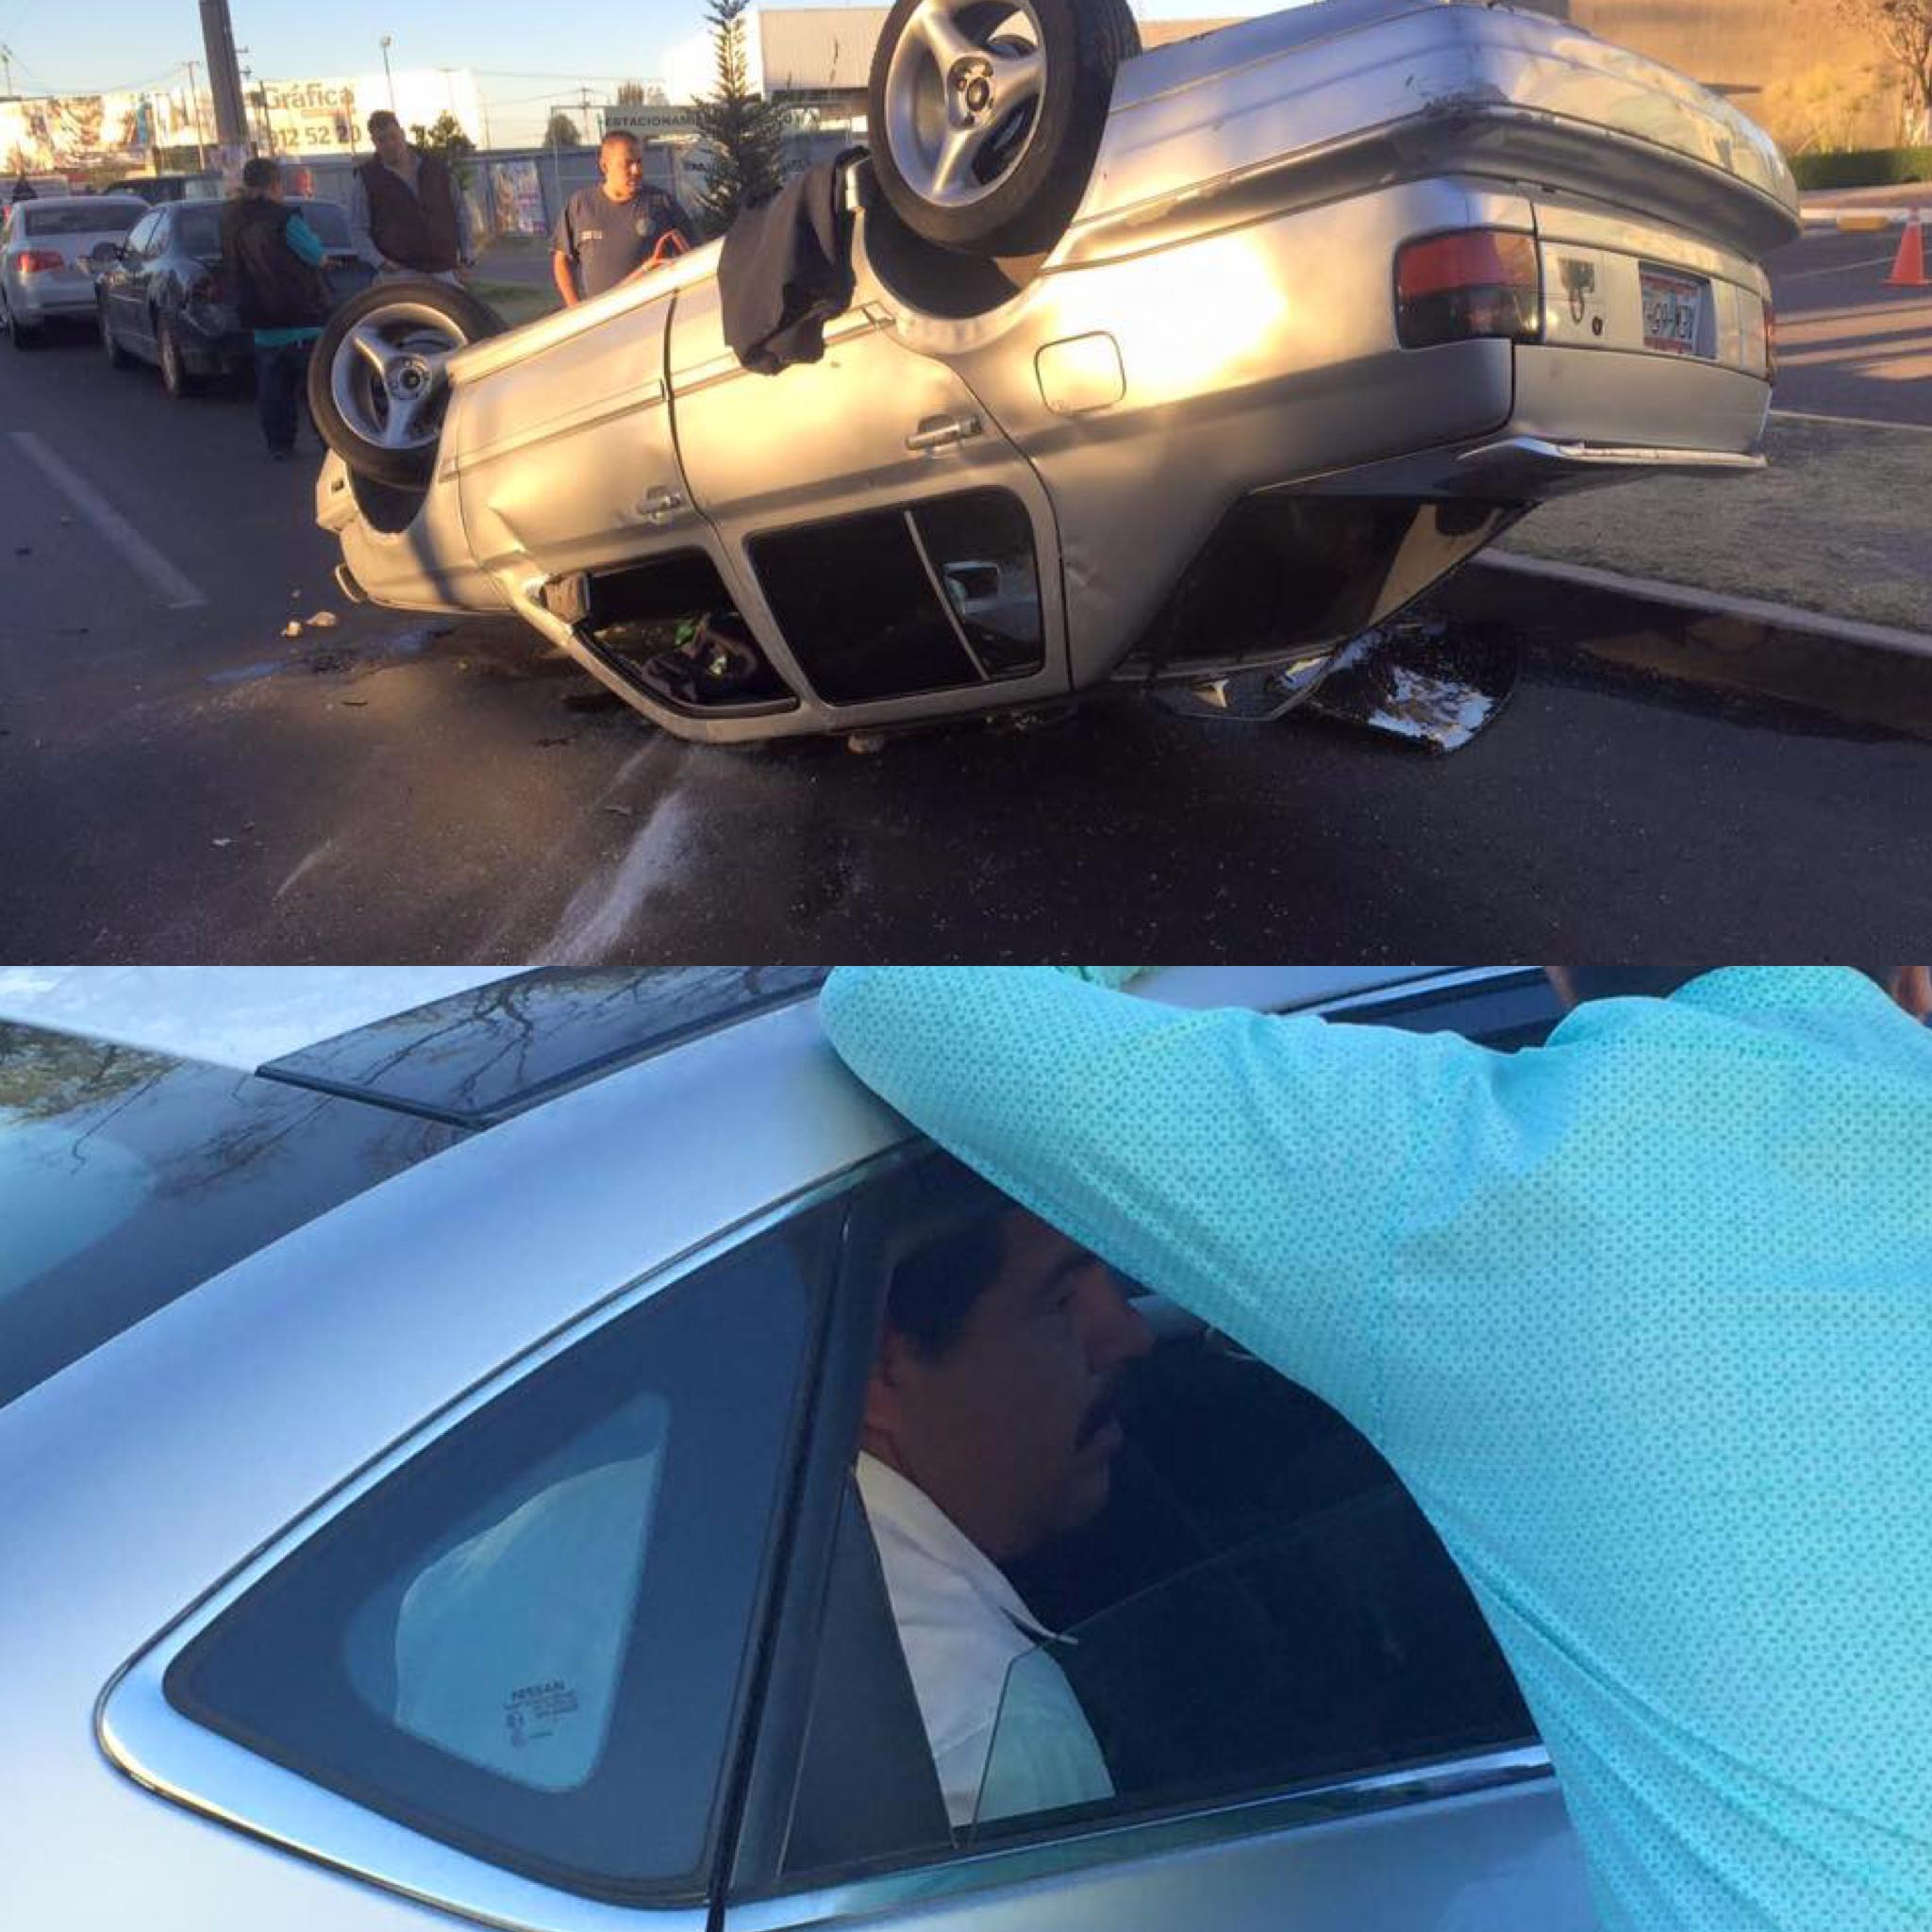 Estúpido y prepotente borracho provoca accidente y caos vehicular